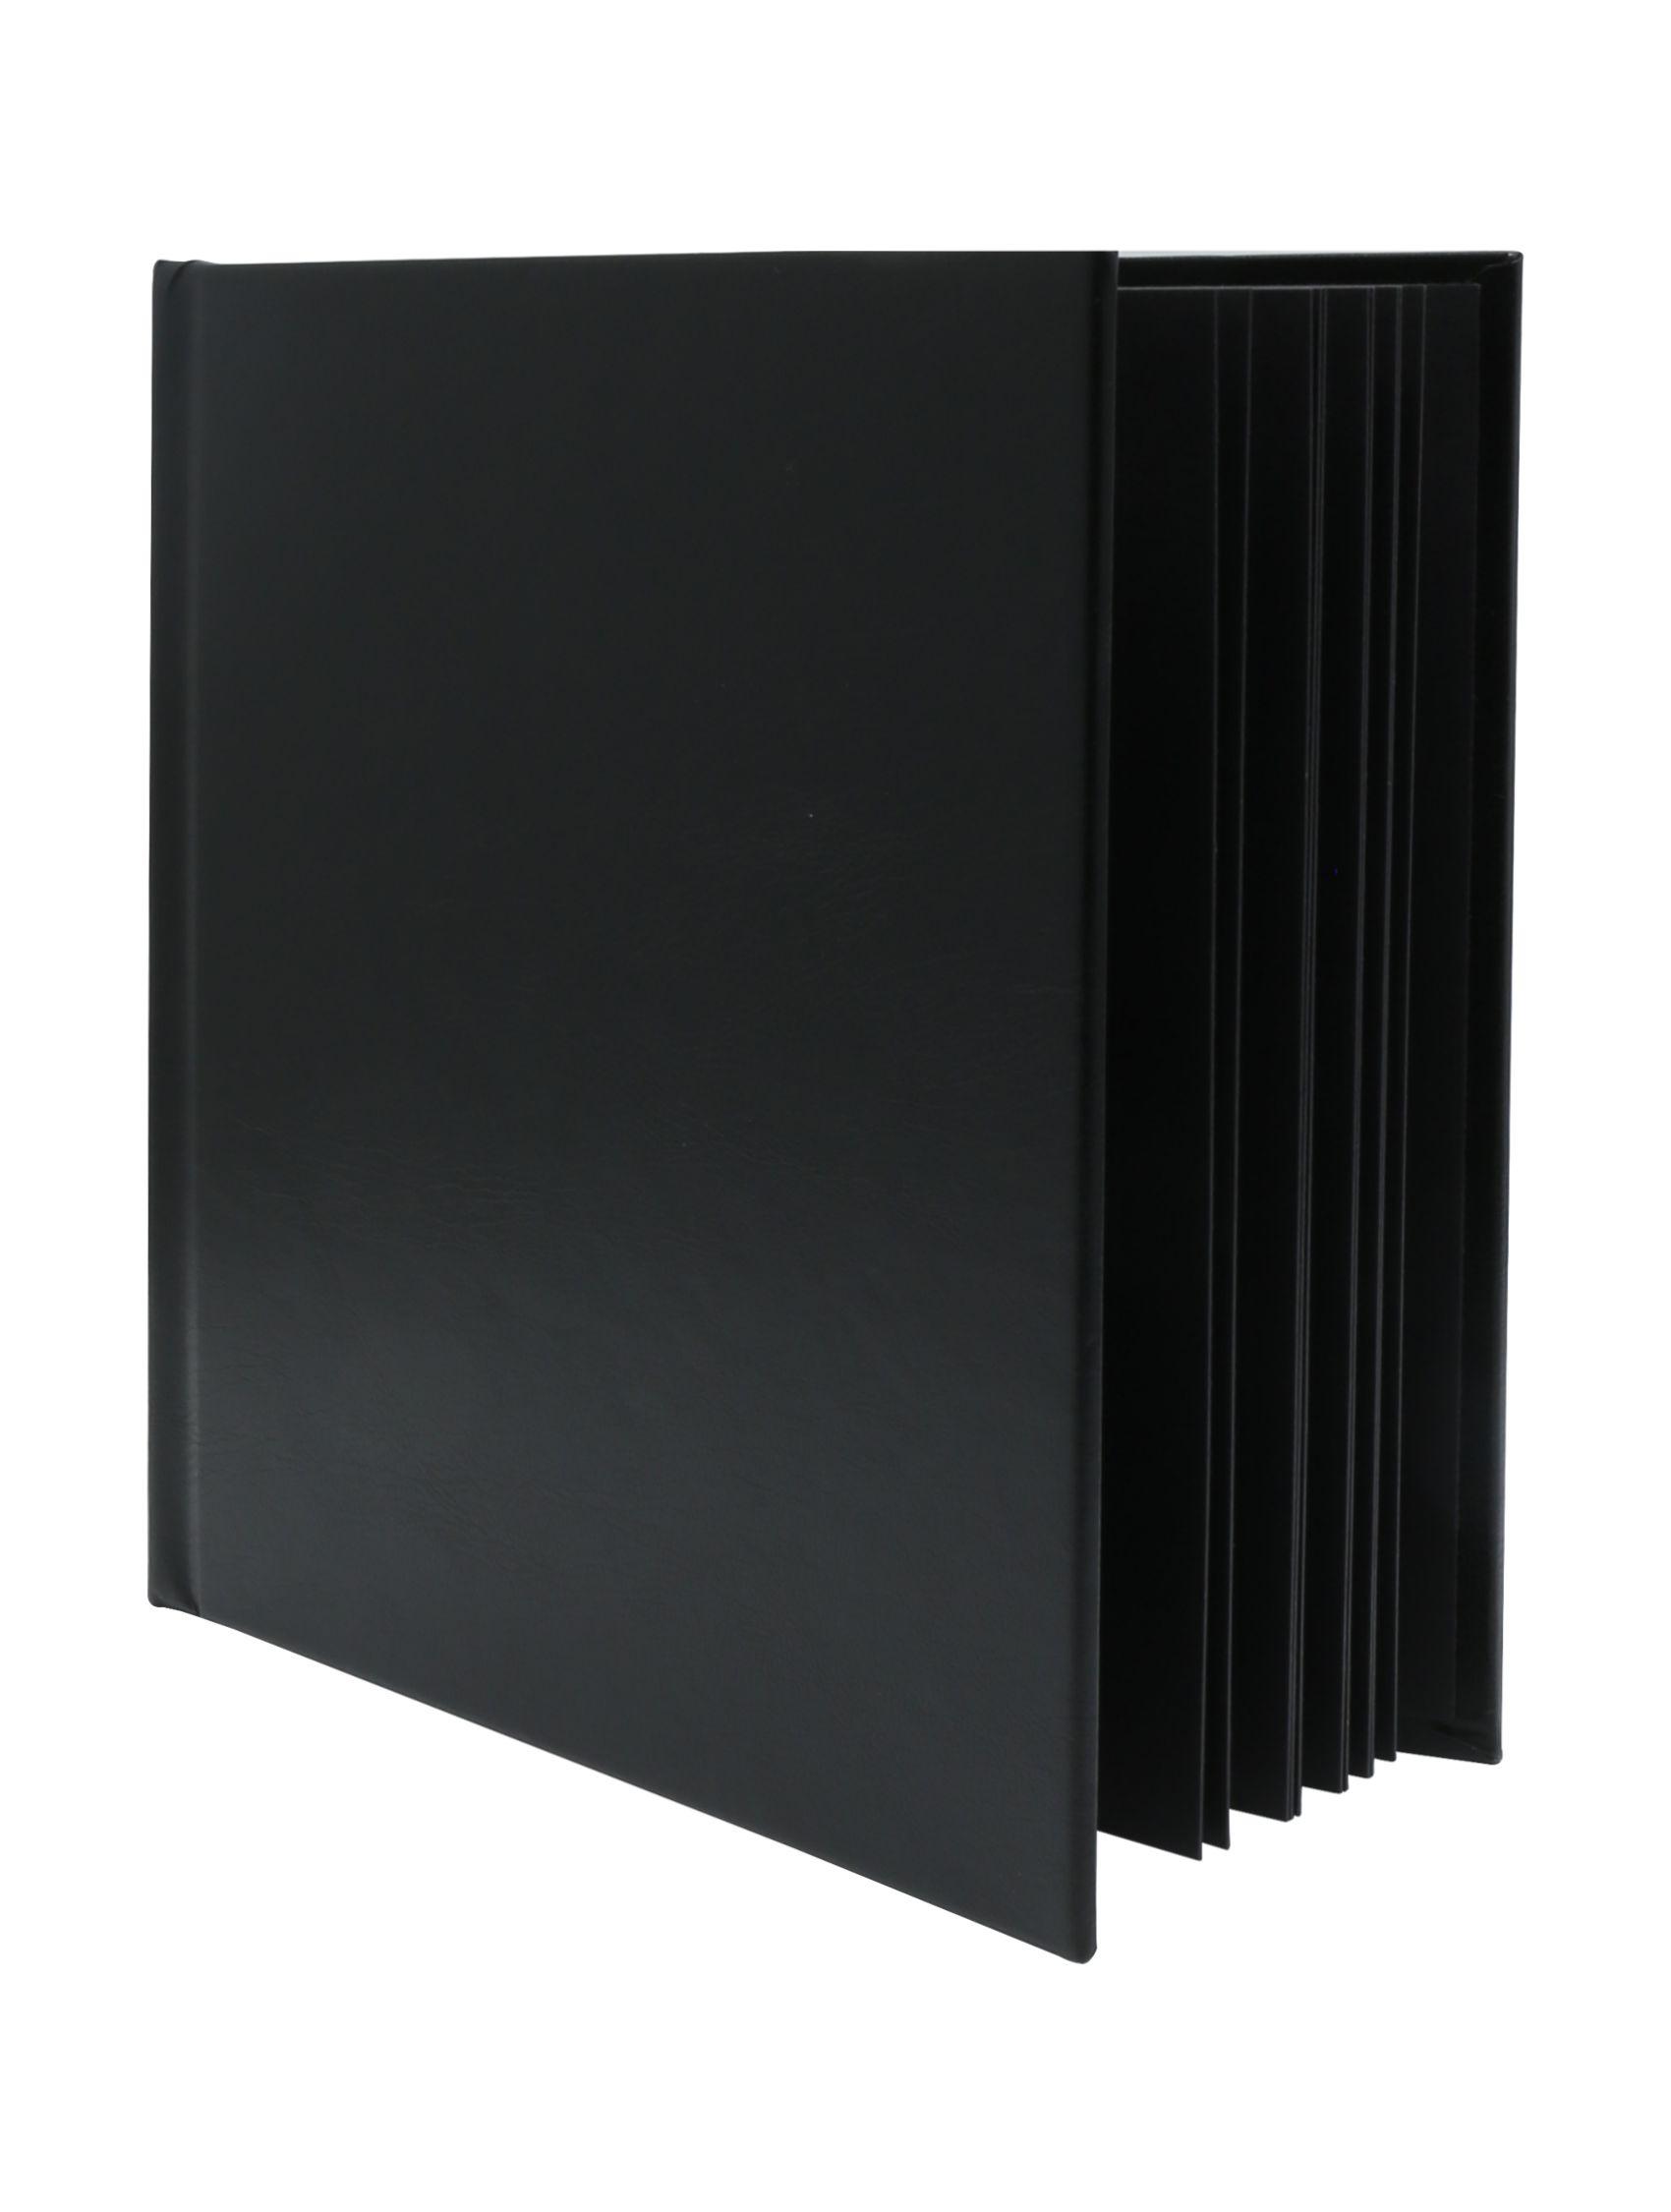 Kleefalbum zwart met kaft in leder A66DF2 20SI